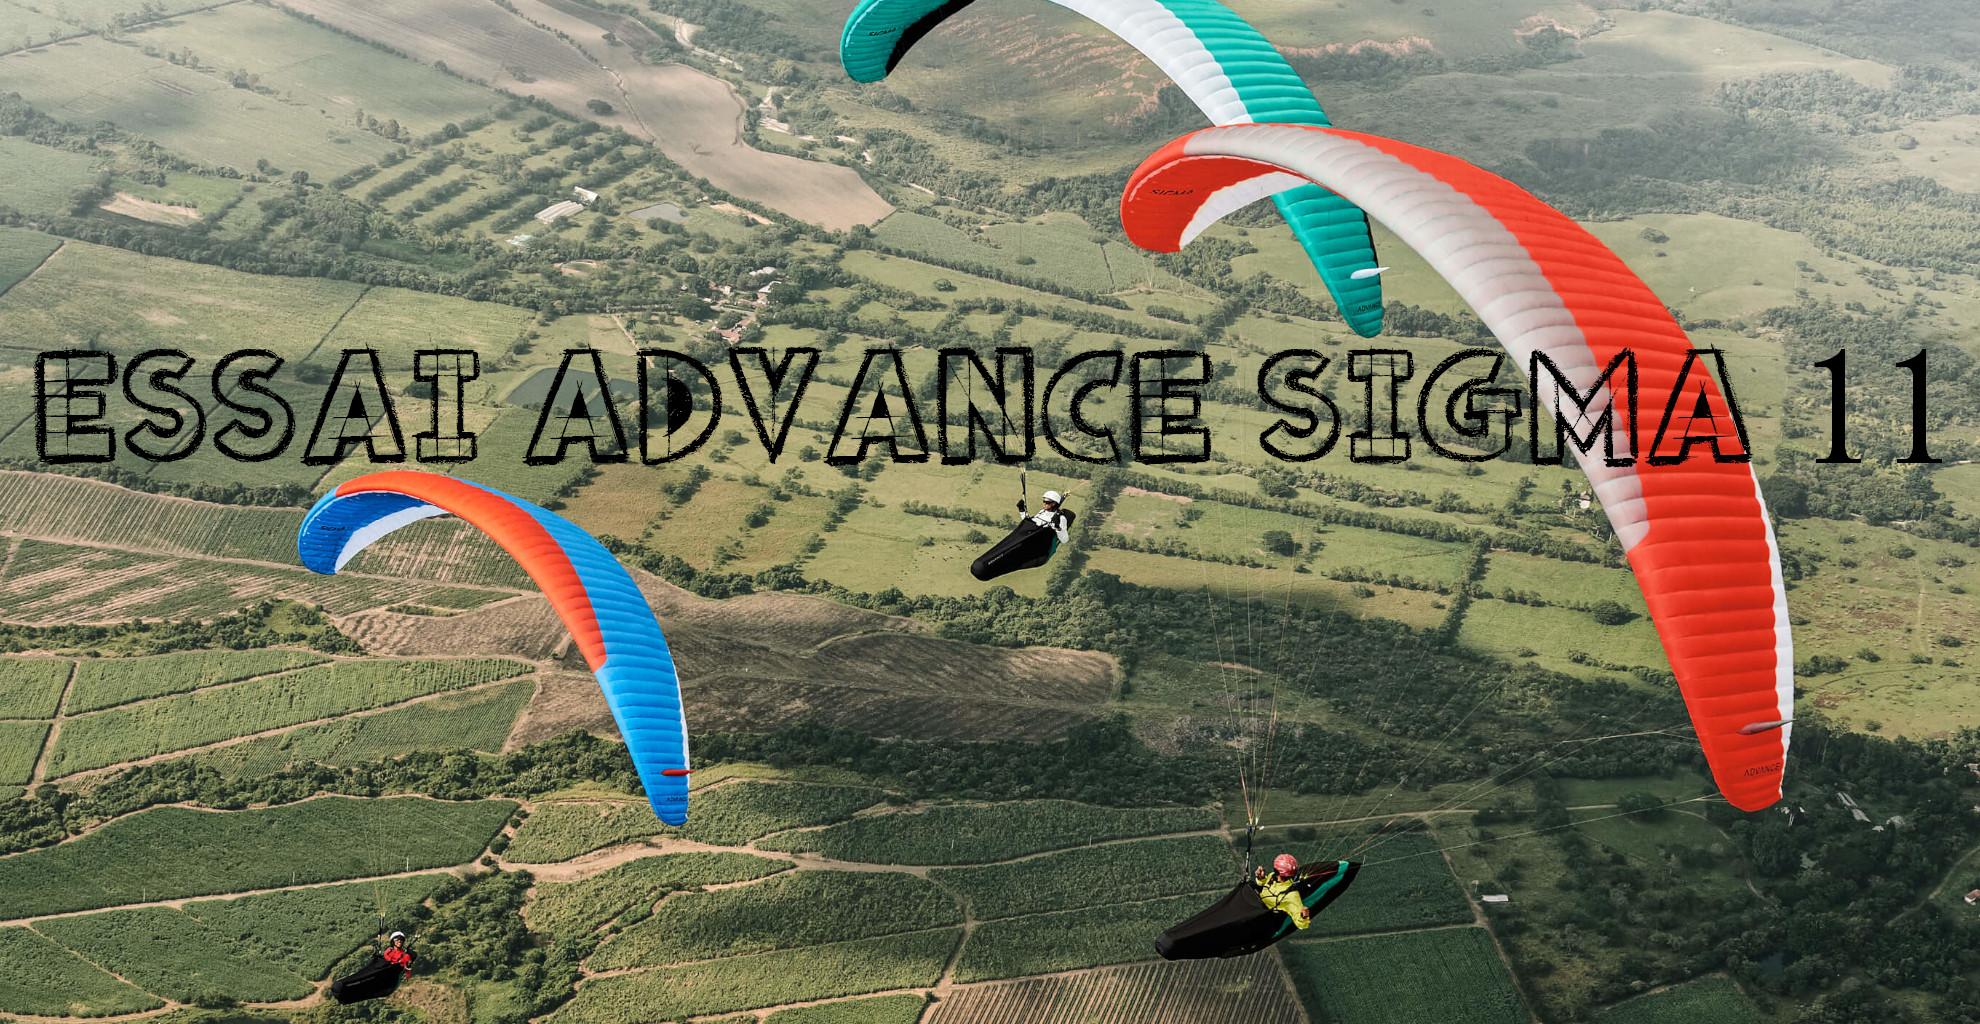 Essai Advance Sigma 11